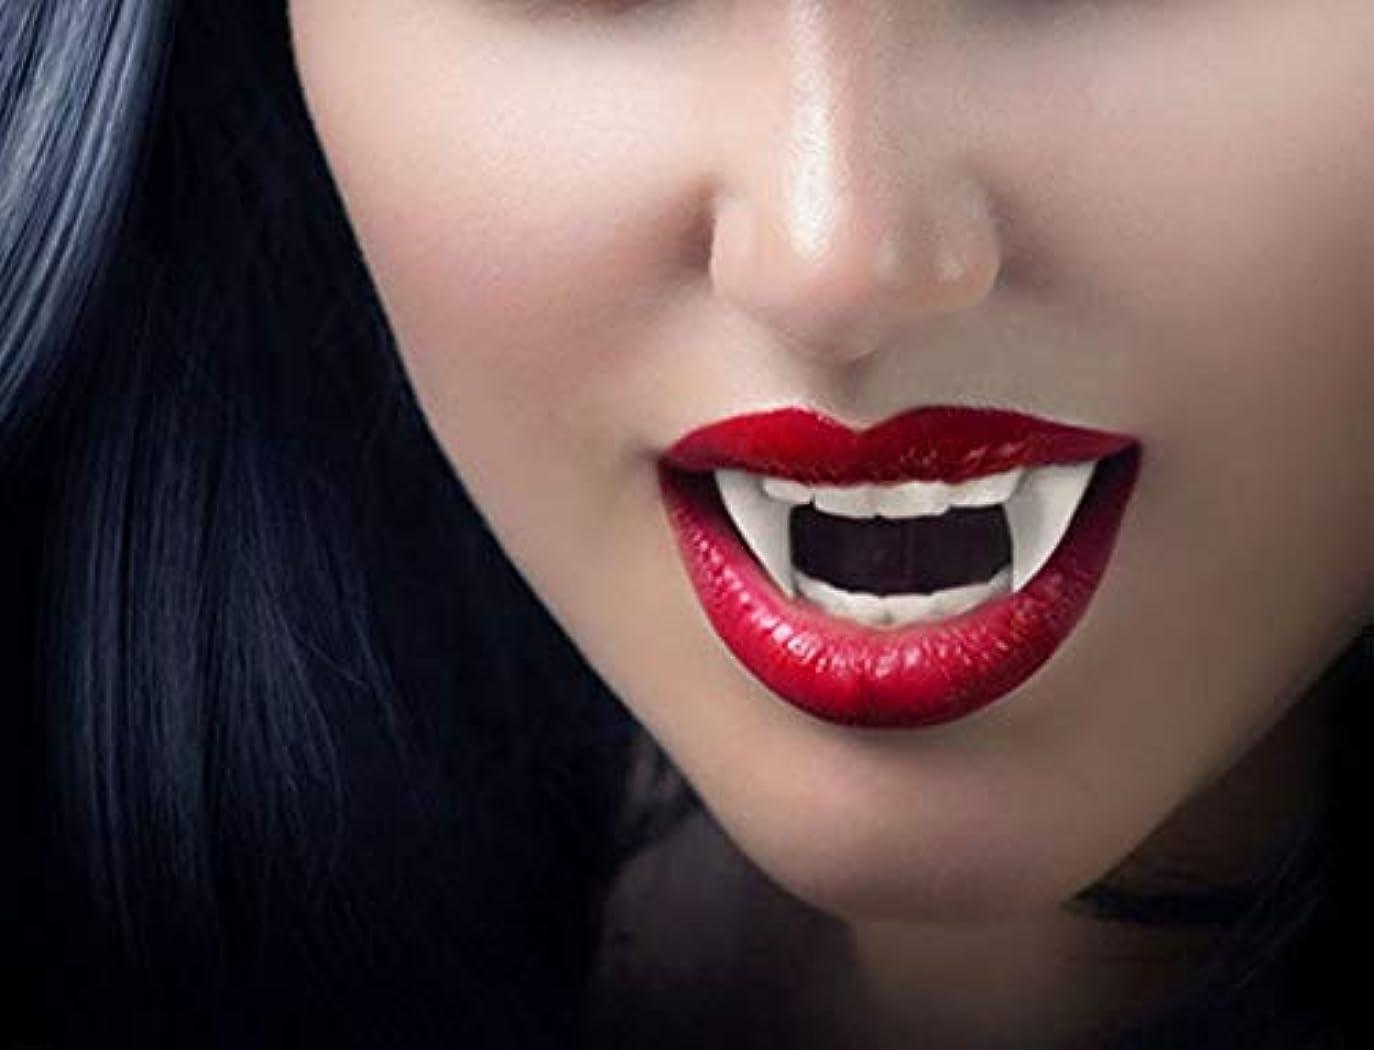 オール不安帰するハロウィンキャラクタードレスアップホワイト入れ歯ゾンビヴァンパイア義歯パーティーパーティーバーパーティーの小道具